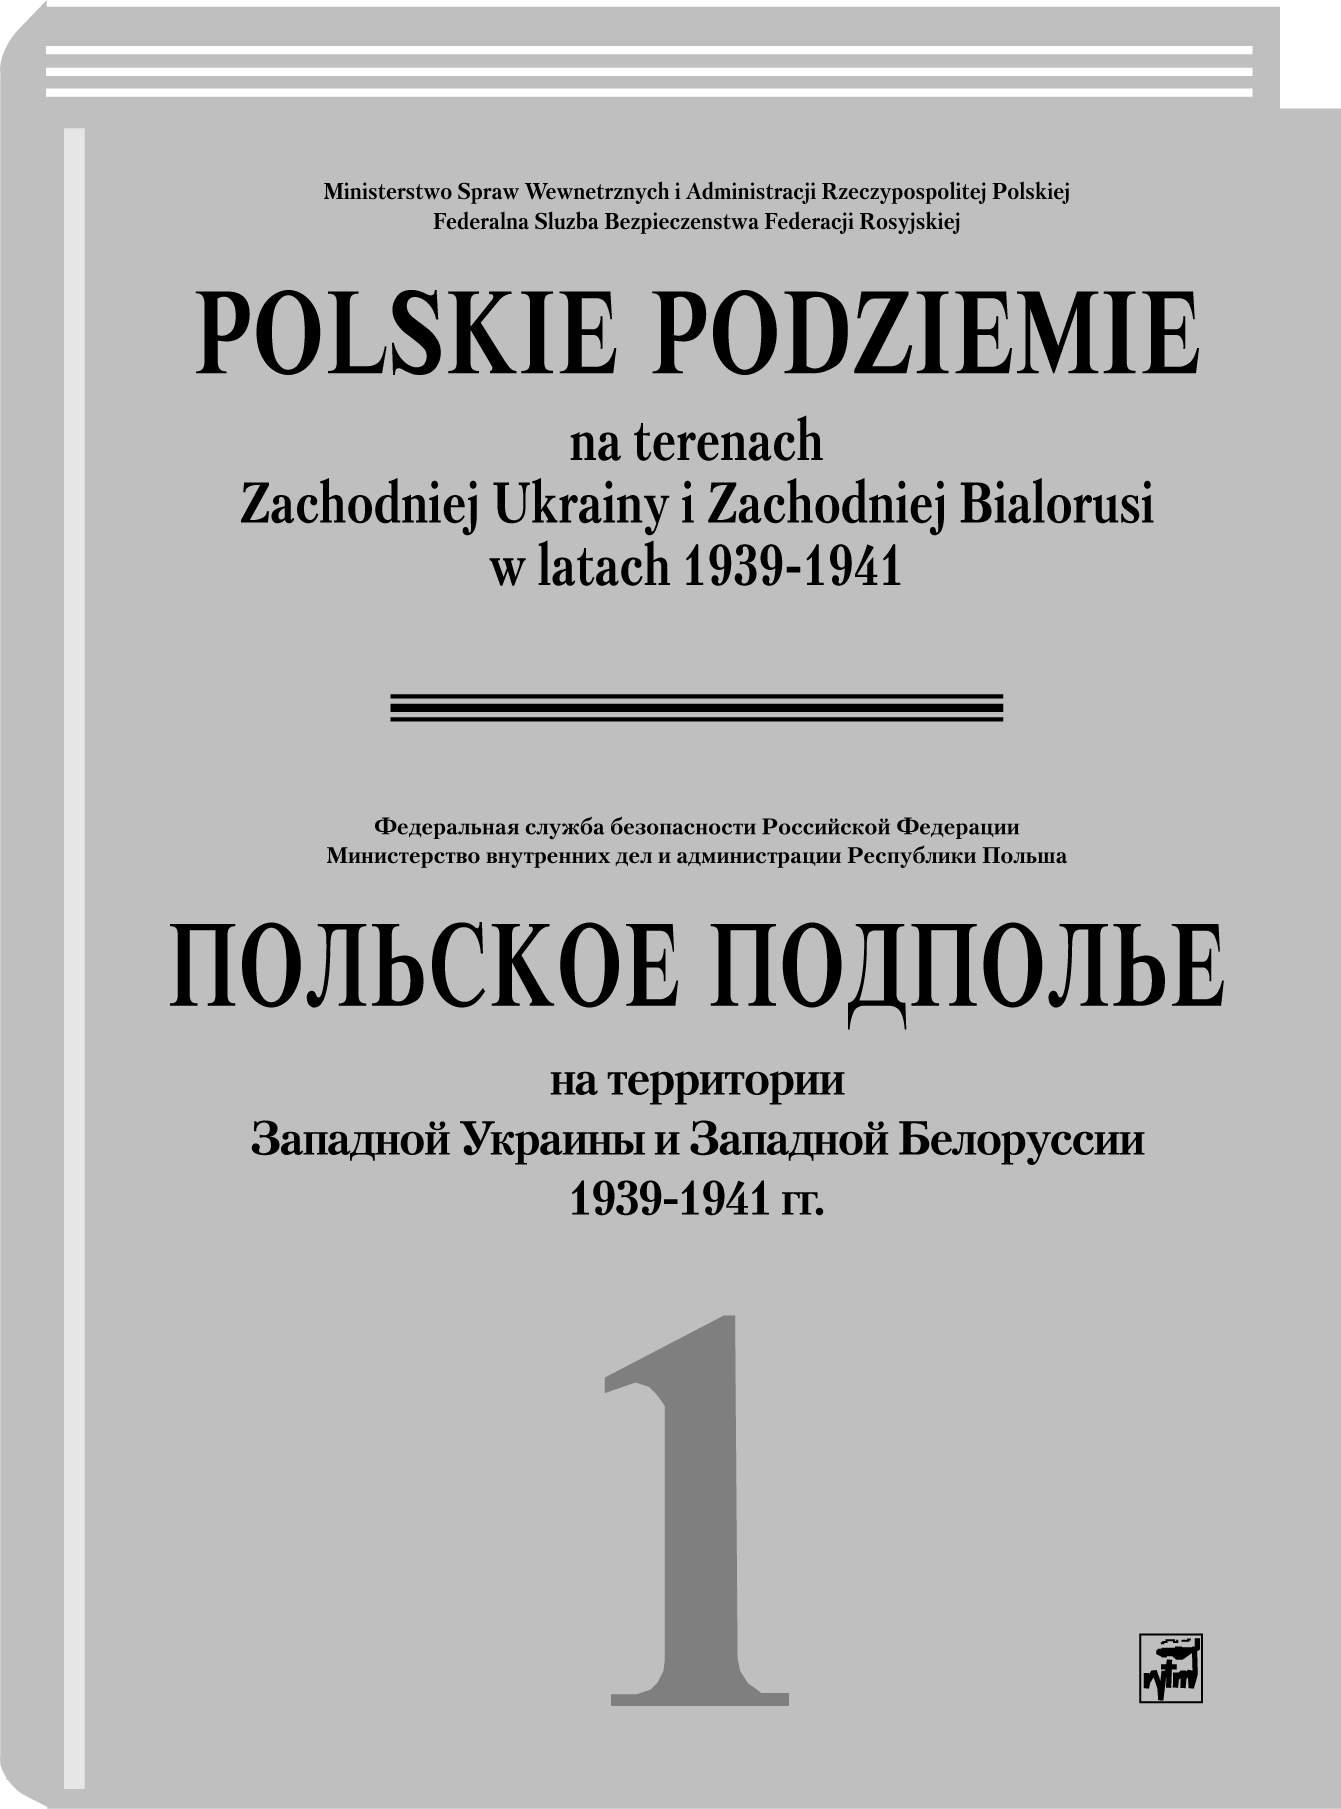 Польское подполье на территории Западной Украины и Западной Белоруссии, 1939-1941 гг.